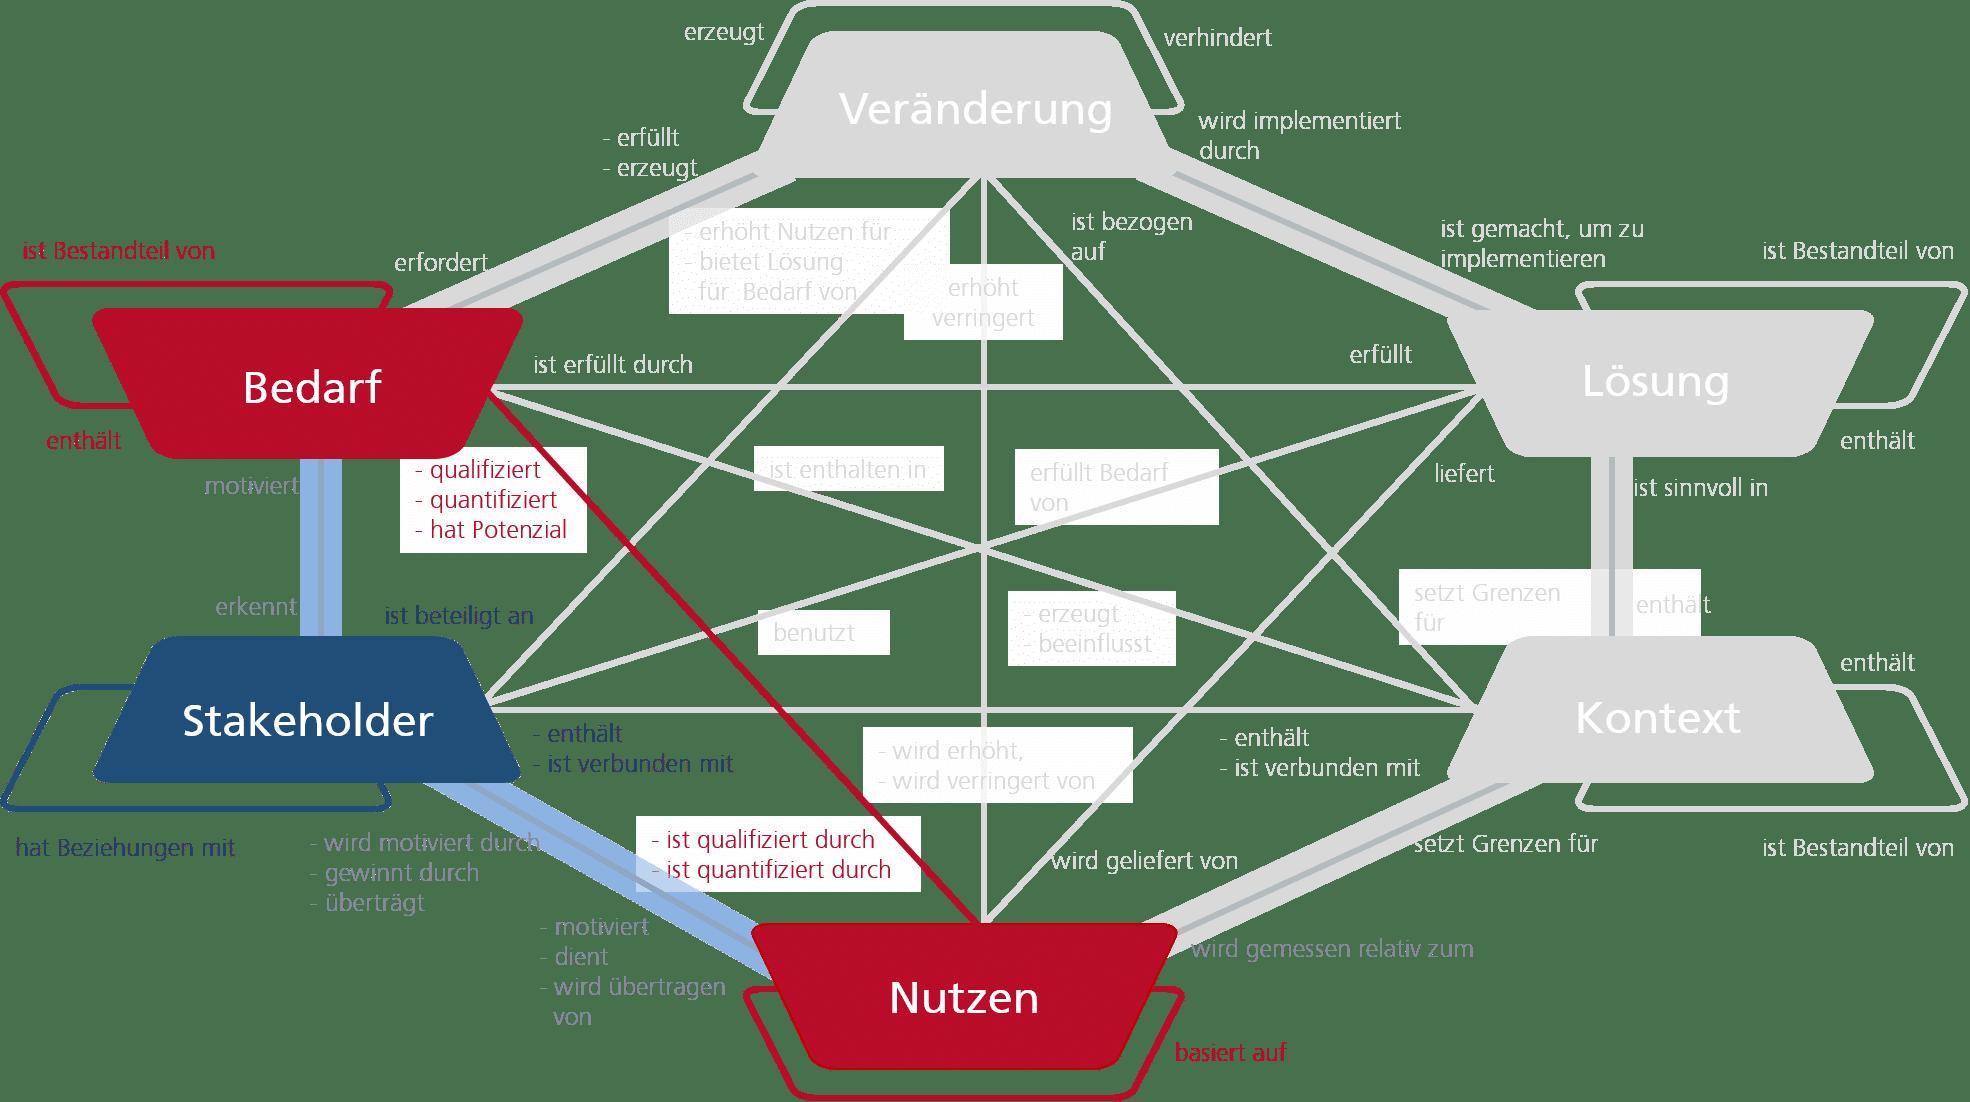 Business Analyse Kernelemente: Stakeholder, Bedarf, Nutzen